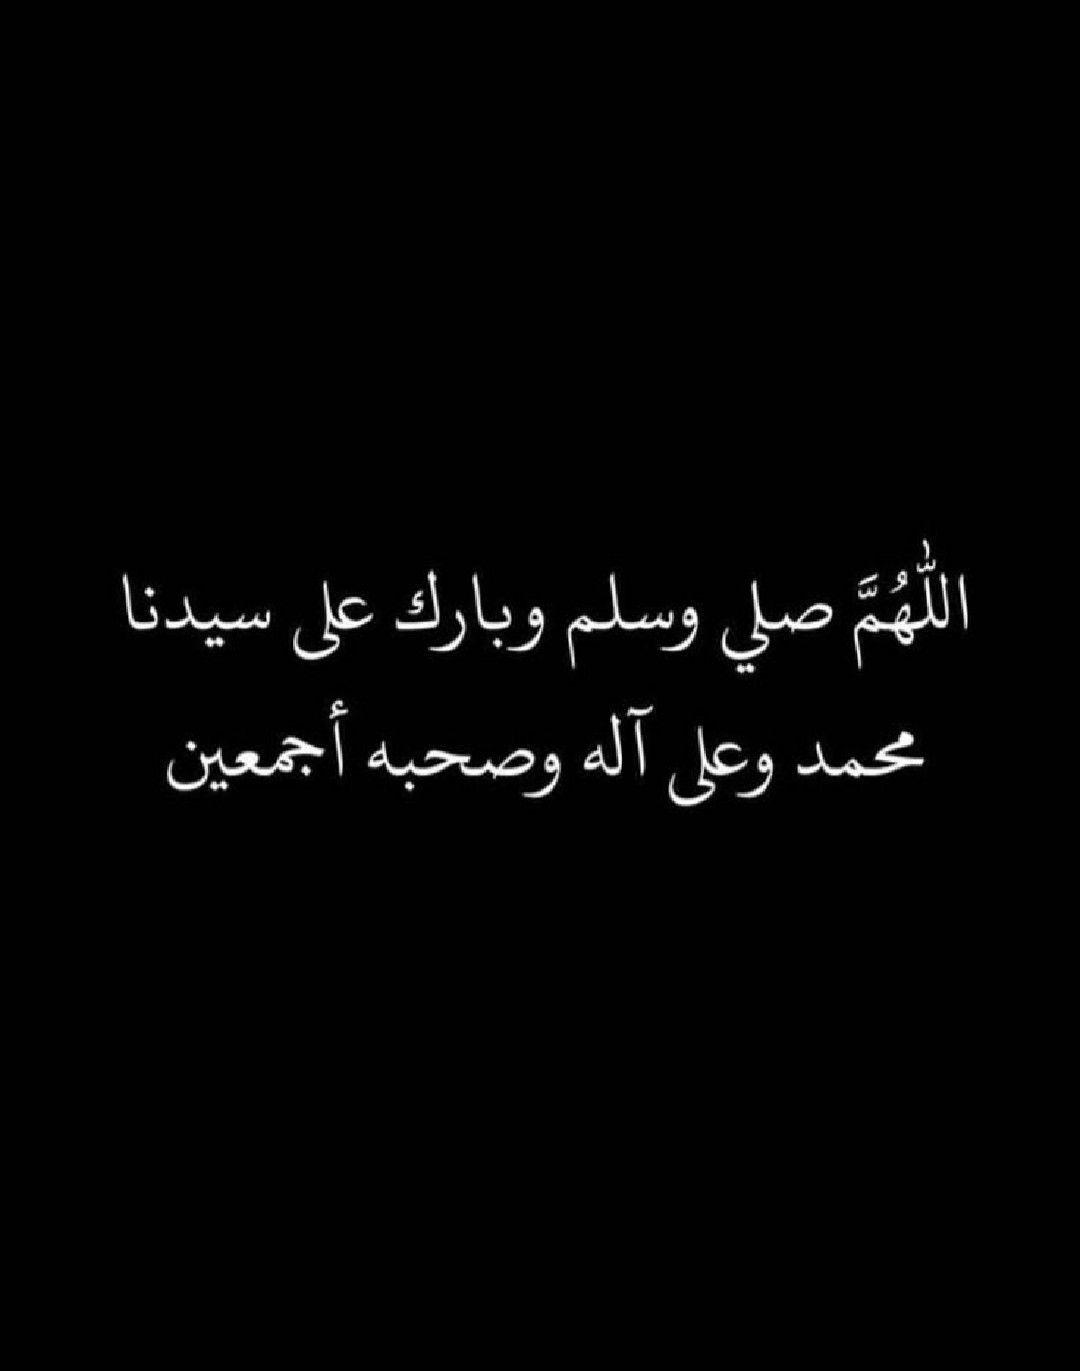 اللهم صل وسلم وزد وبارك عليك ياحبيبي يارسول الله Arabic Calligraphy Calligraphy